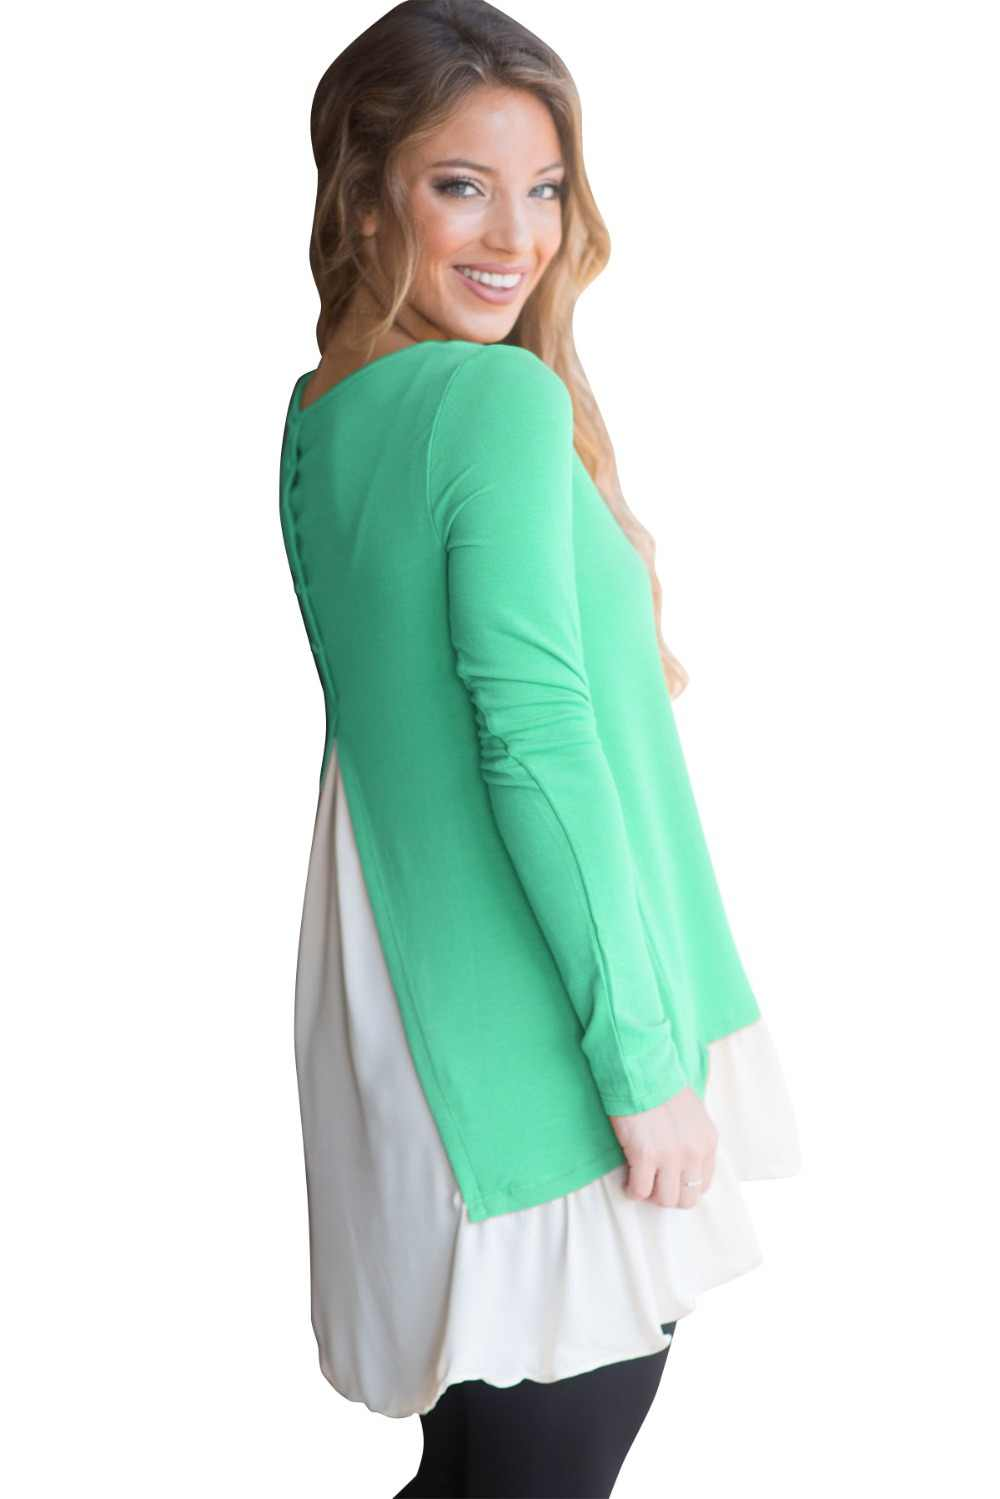 韓国 Kpop 本物の正規フルポリエステル綿のパッチワーク O ネックキャンバス 2019 新スタイルレディースラウンドネックステッチ Tシャツ